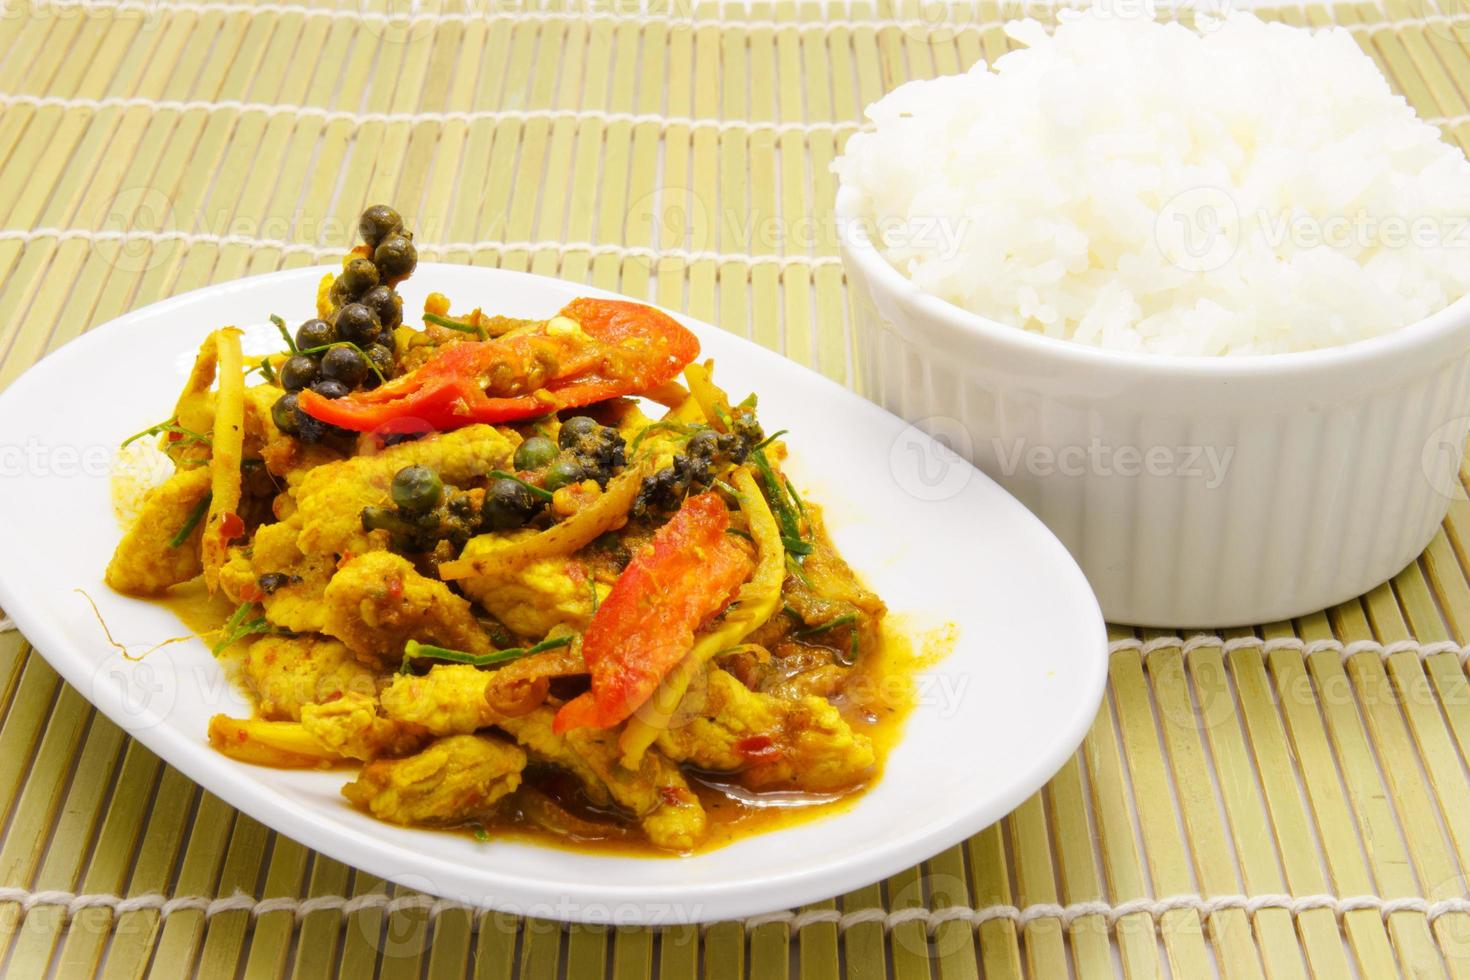 cibo tailandese, saltato in padella di maiale piccante con riso foto